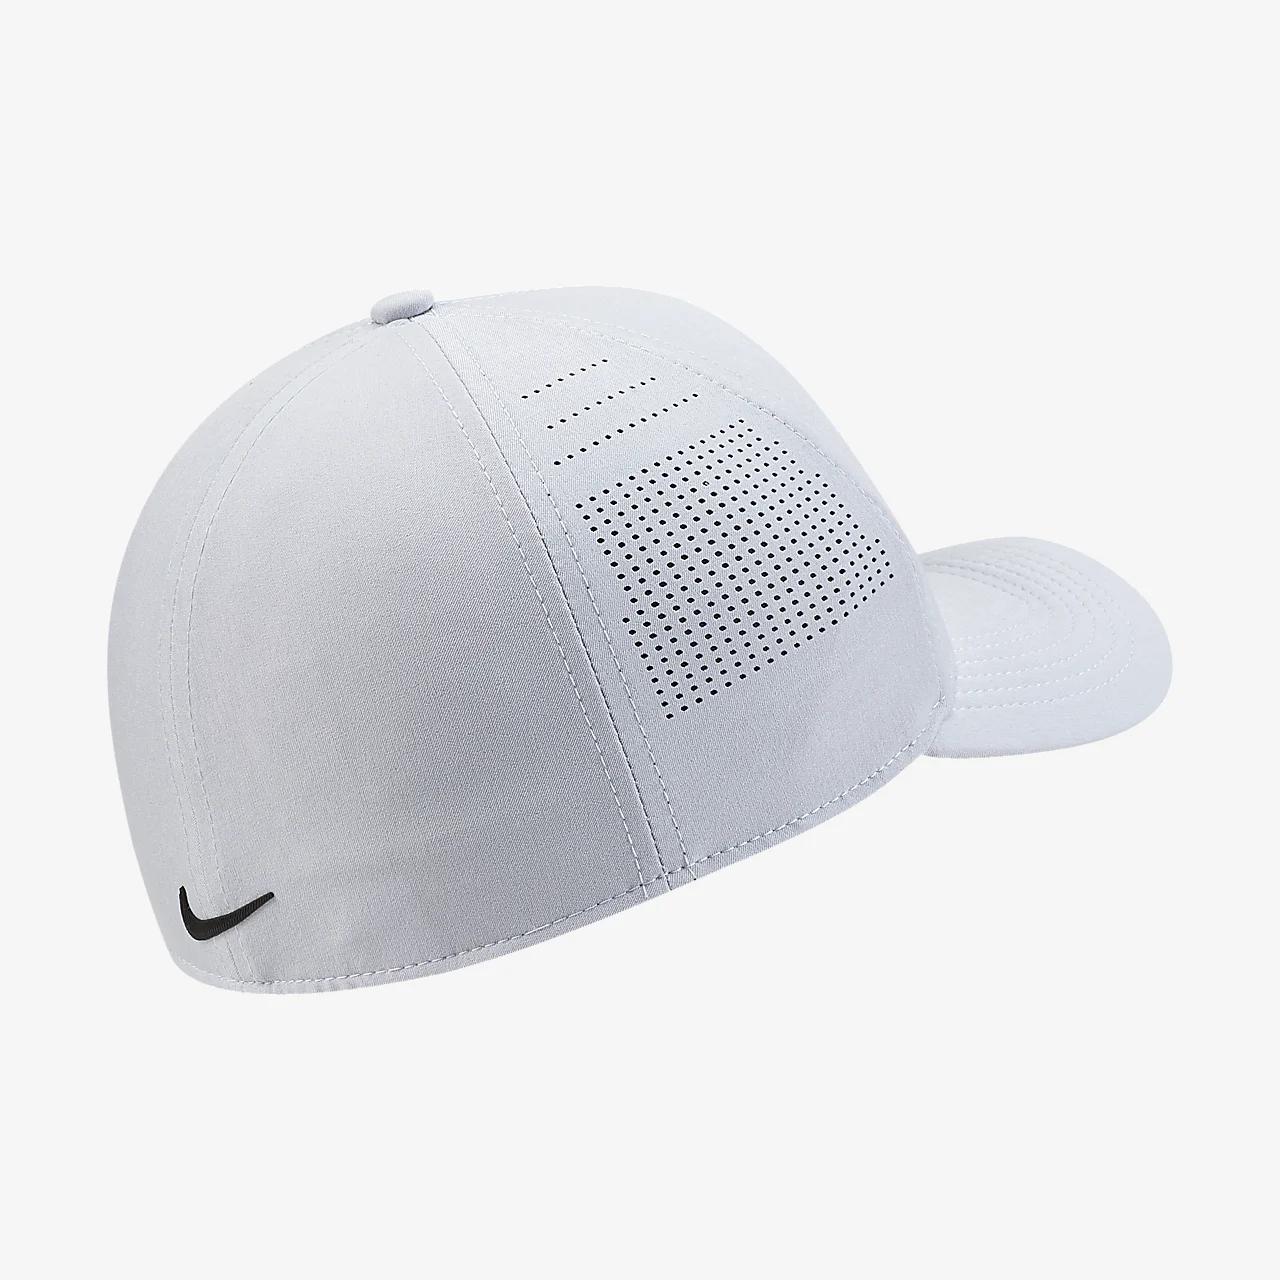 나이키 에어로빌 클래식 99 골프 모자 BV1073-042